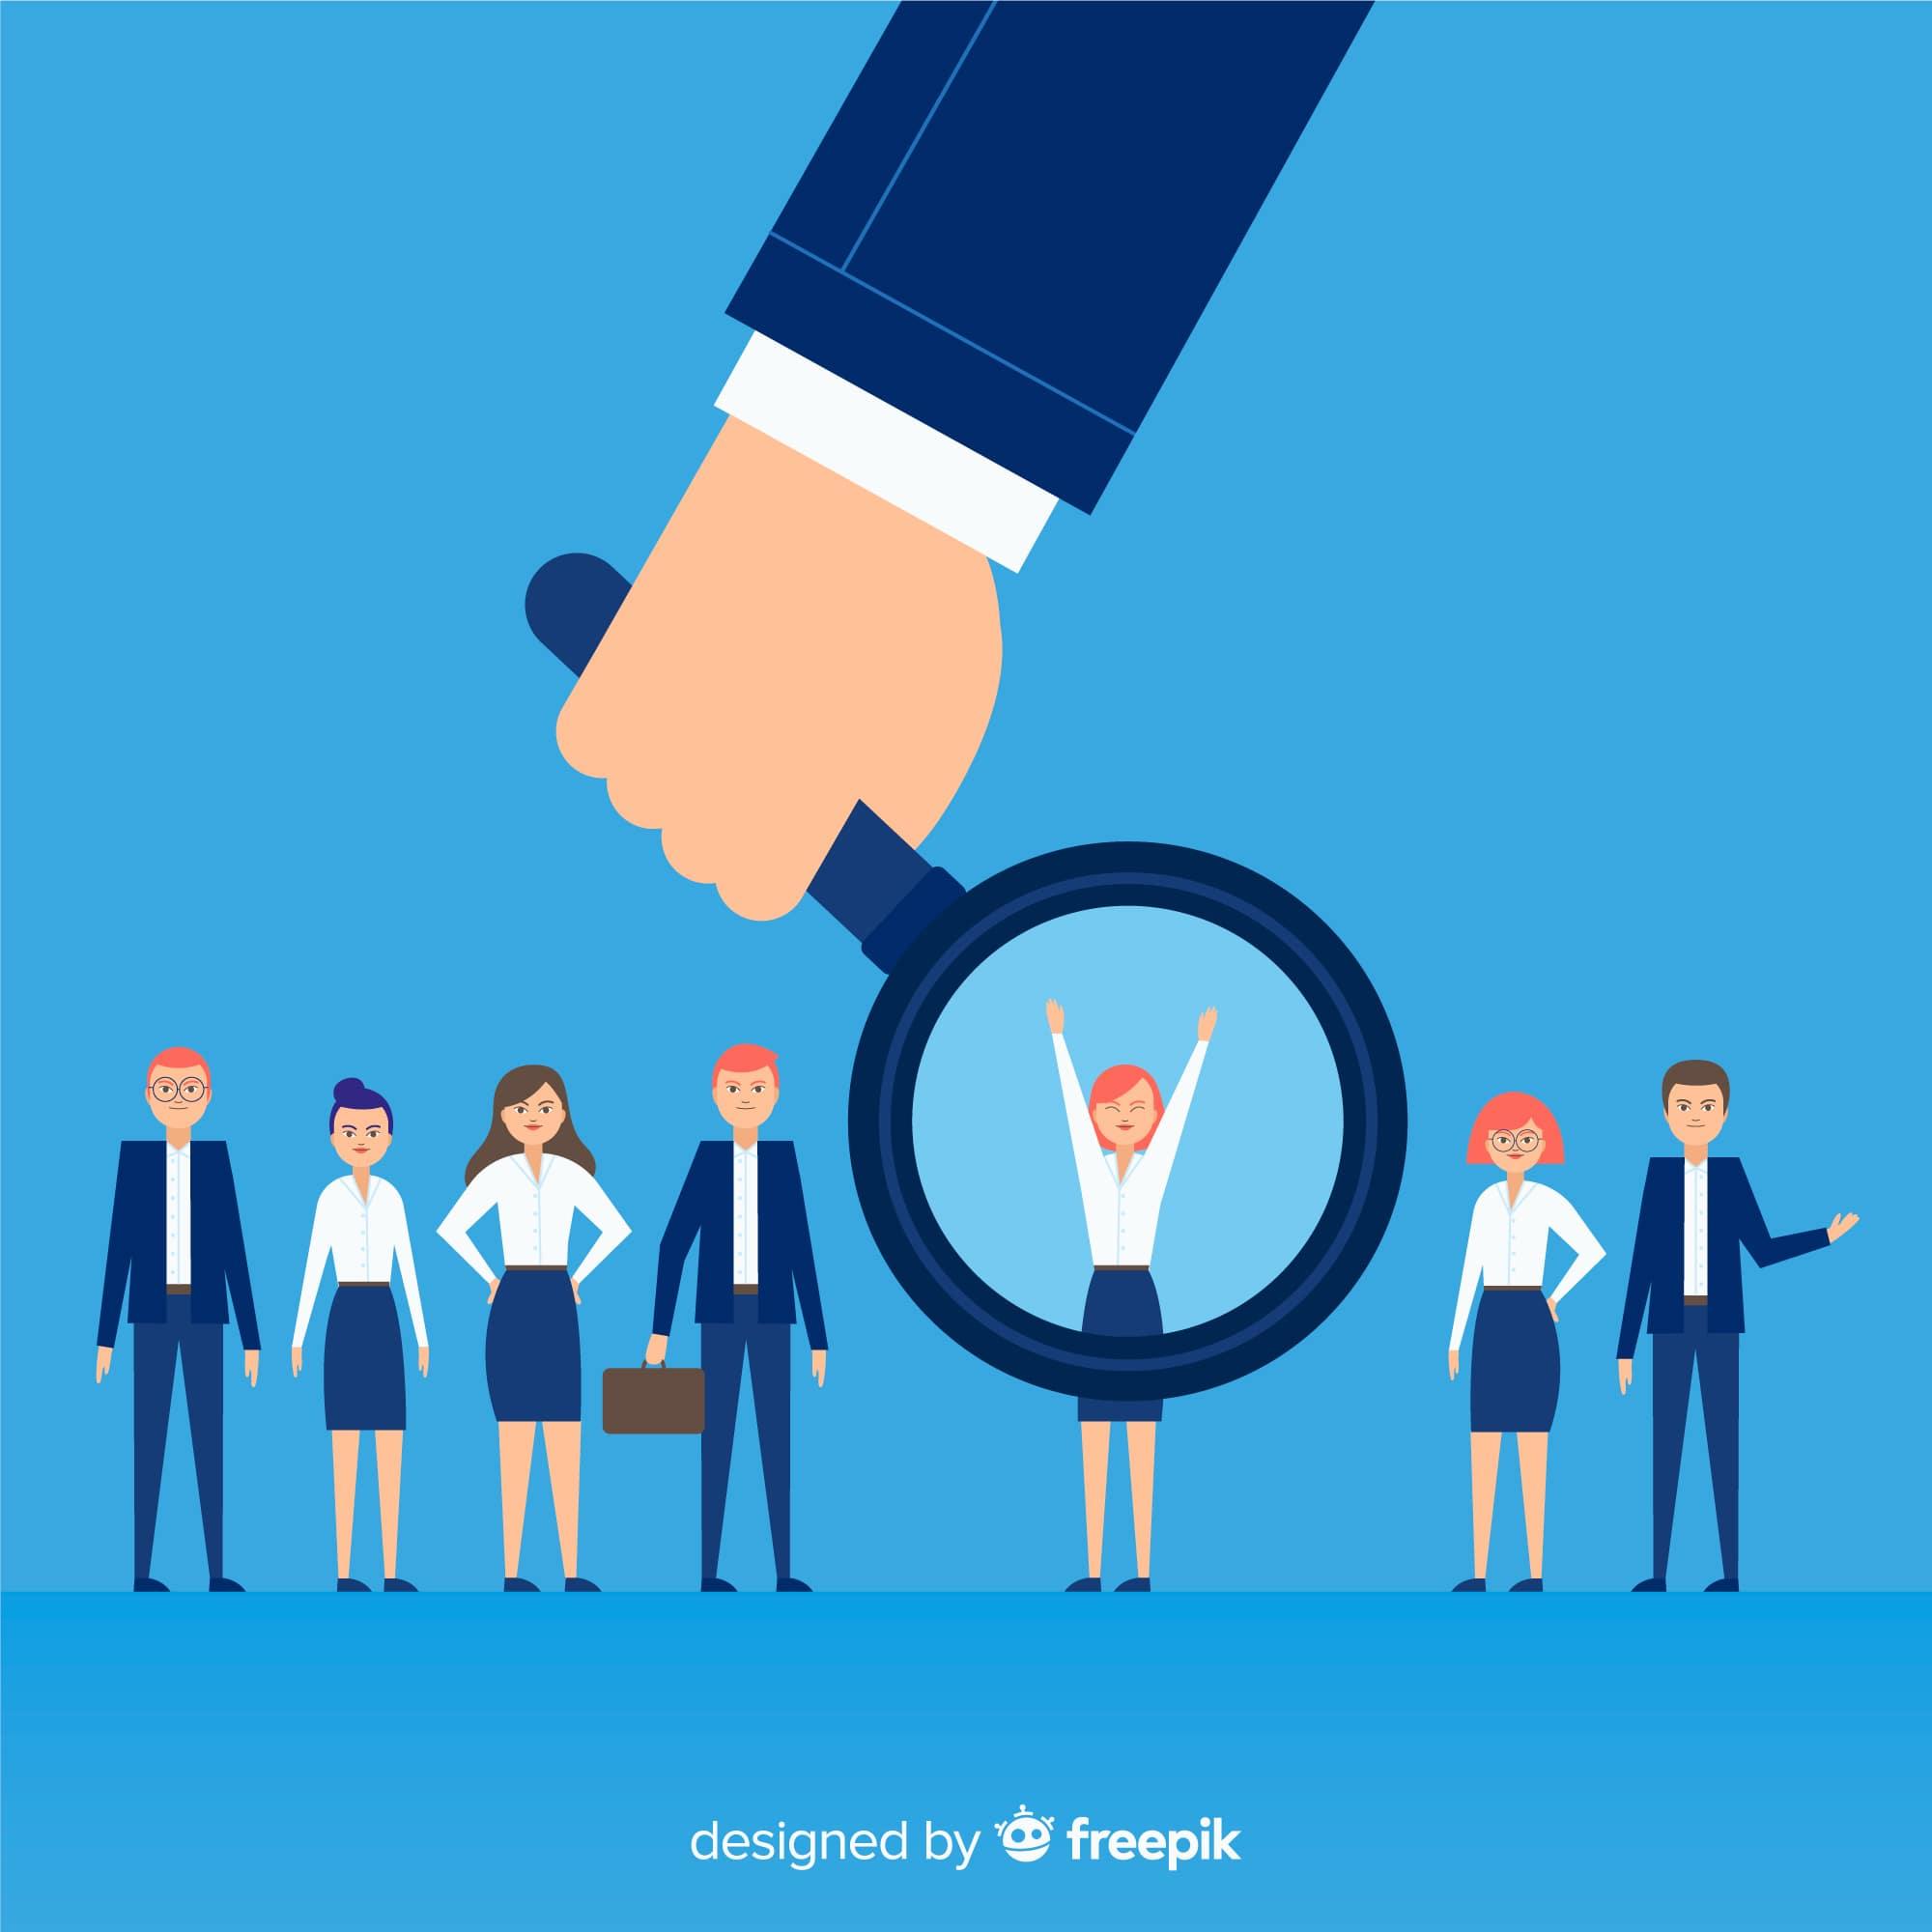 Retención de talentos: qué es y cómo implementarlo en su empresa